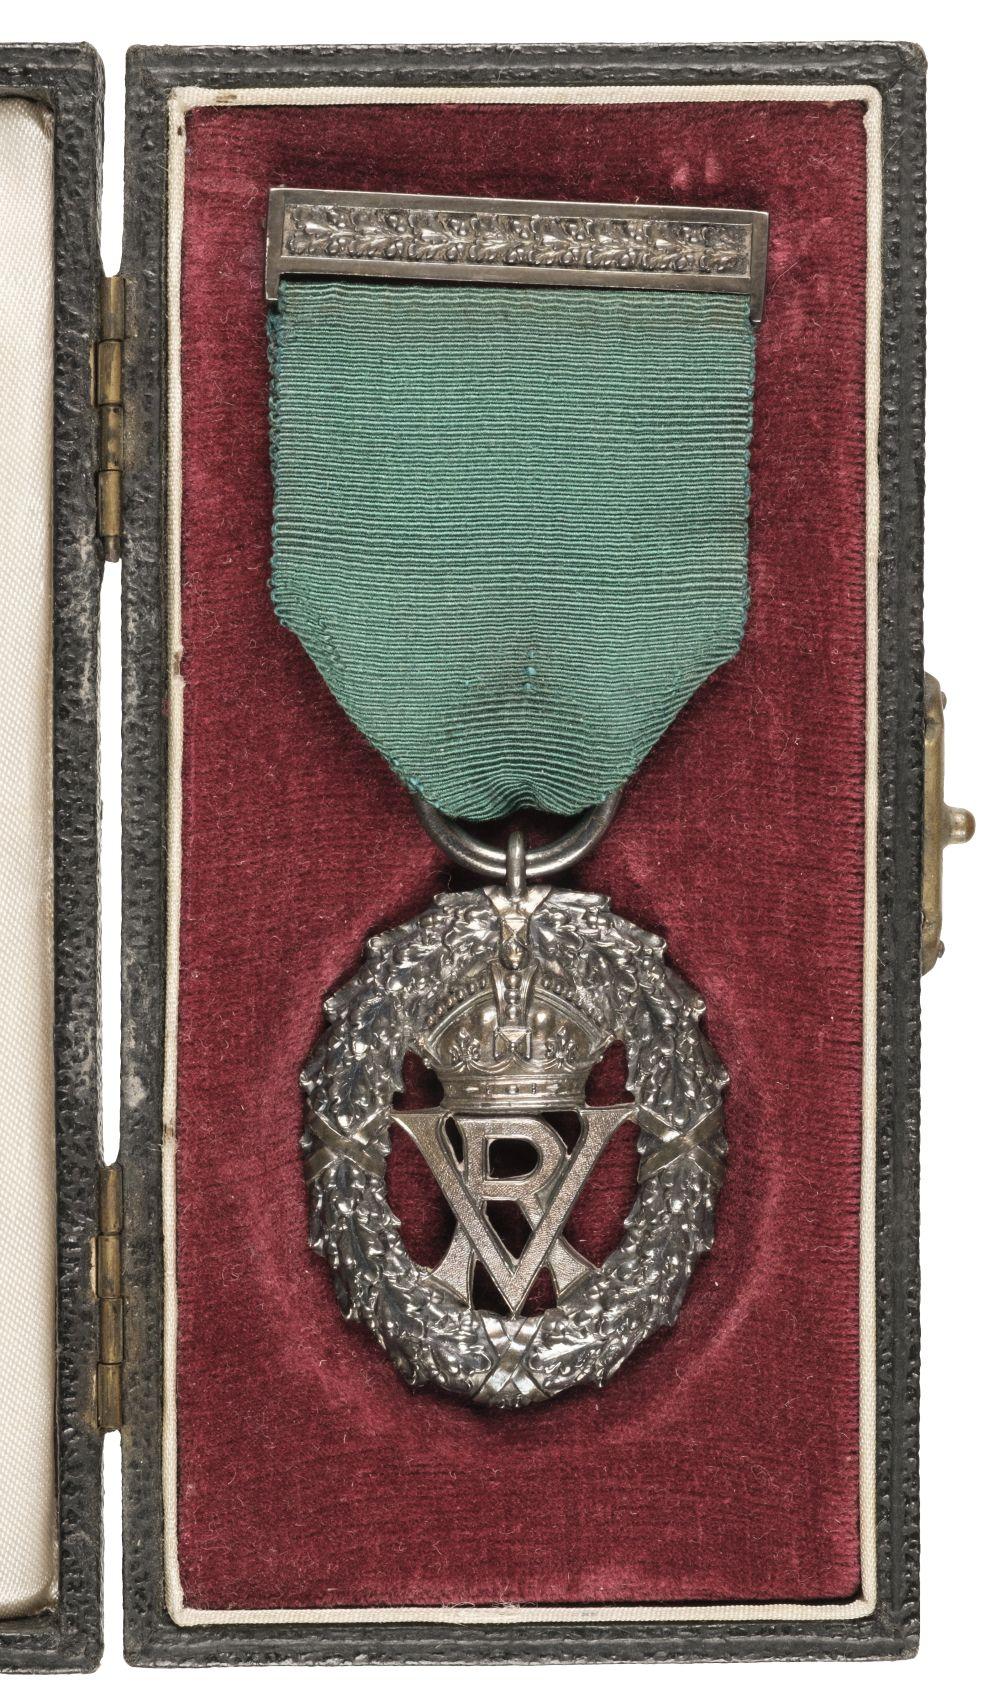 * Volunteer Officers' Decoration, V.R.